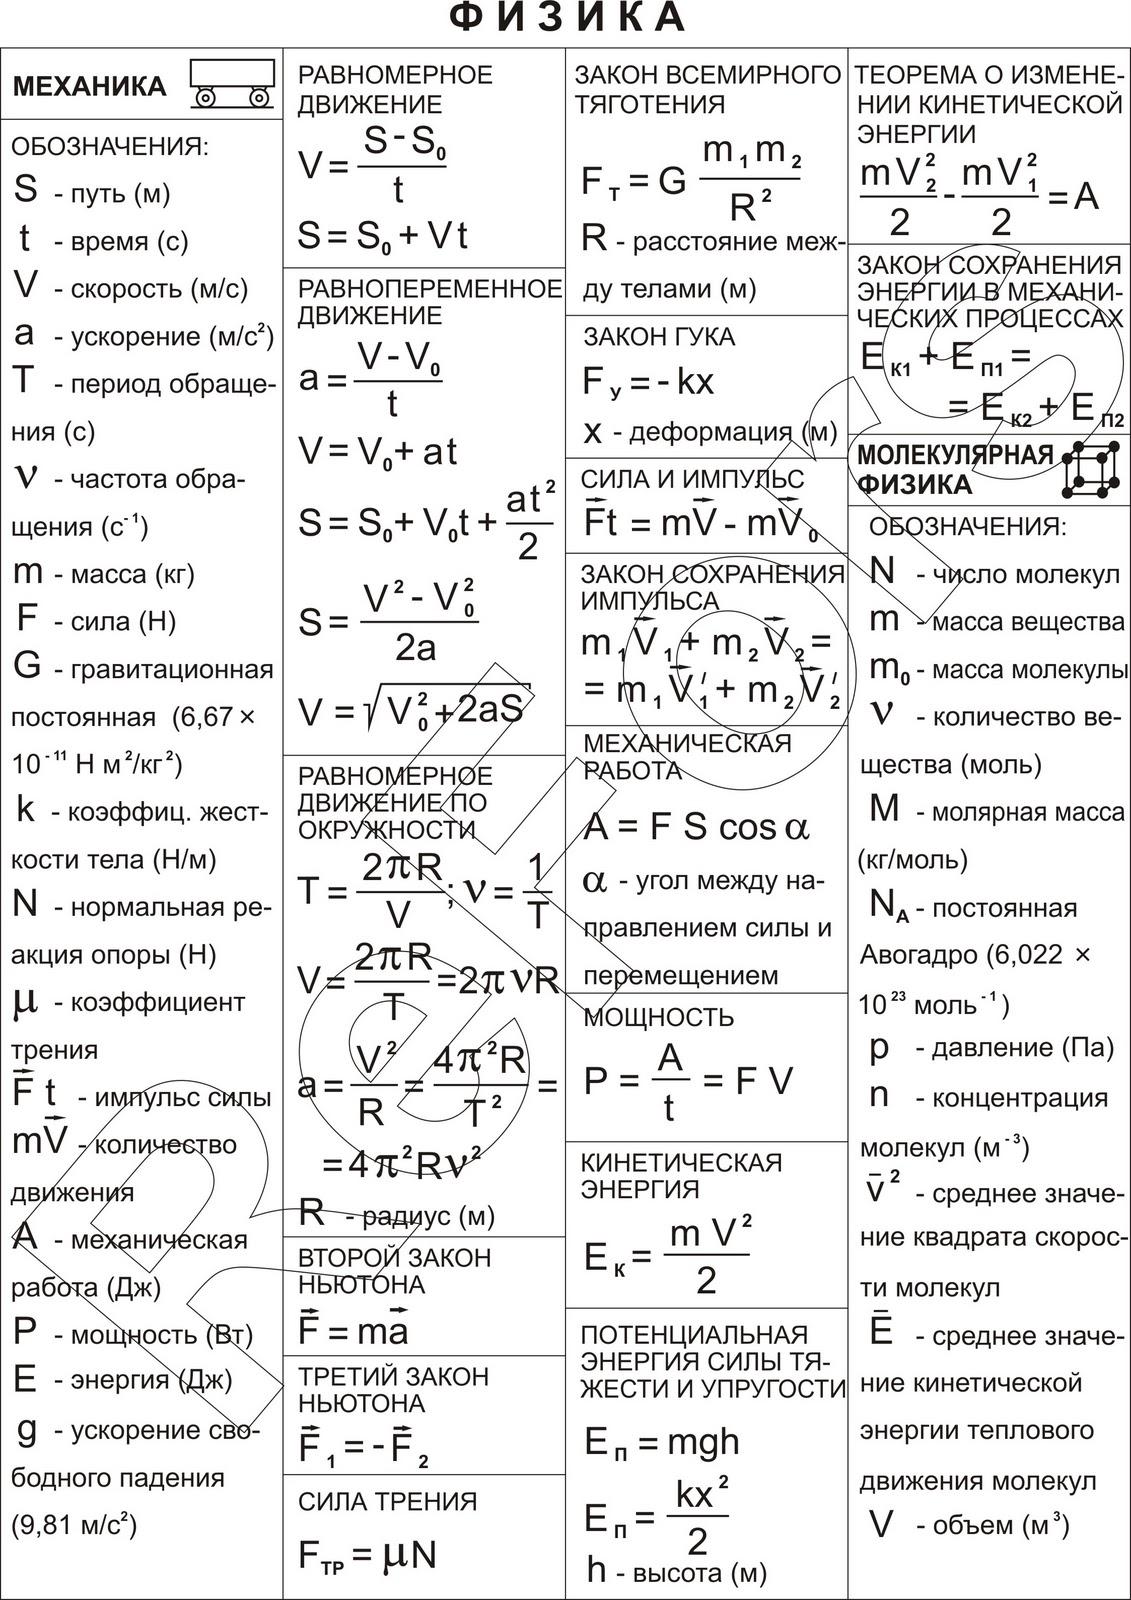 шпаргалка по физике формулы 9 класс механика